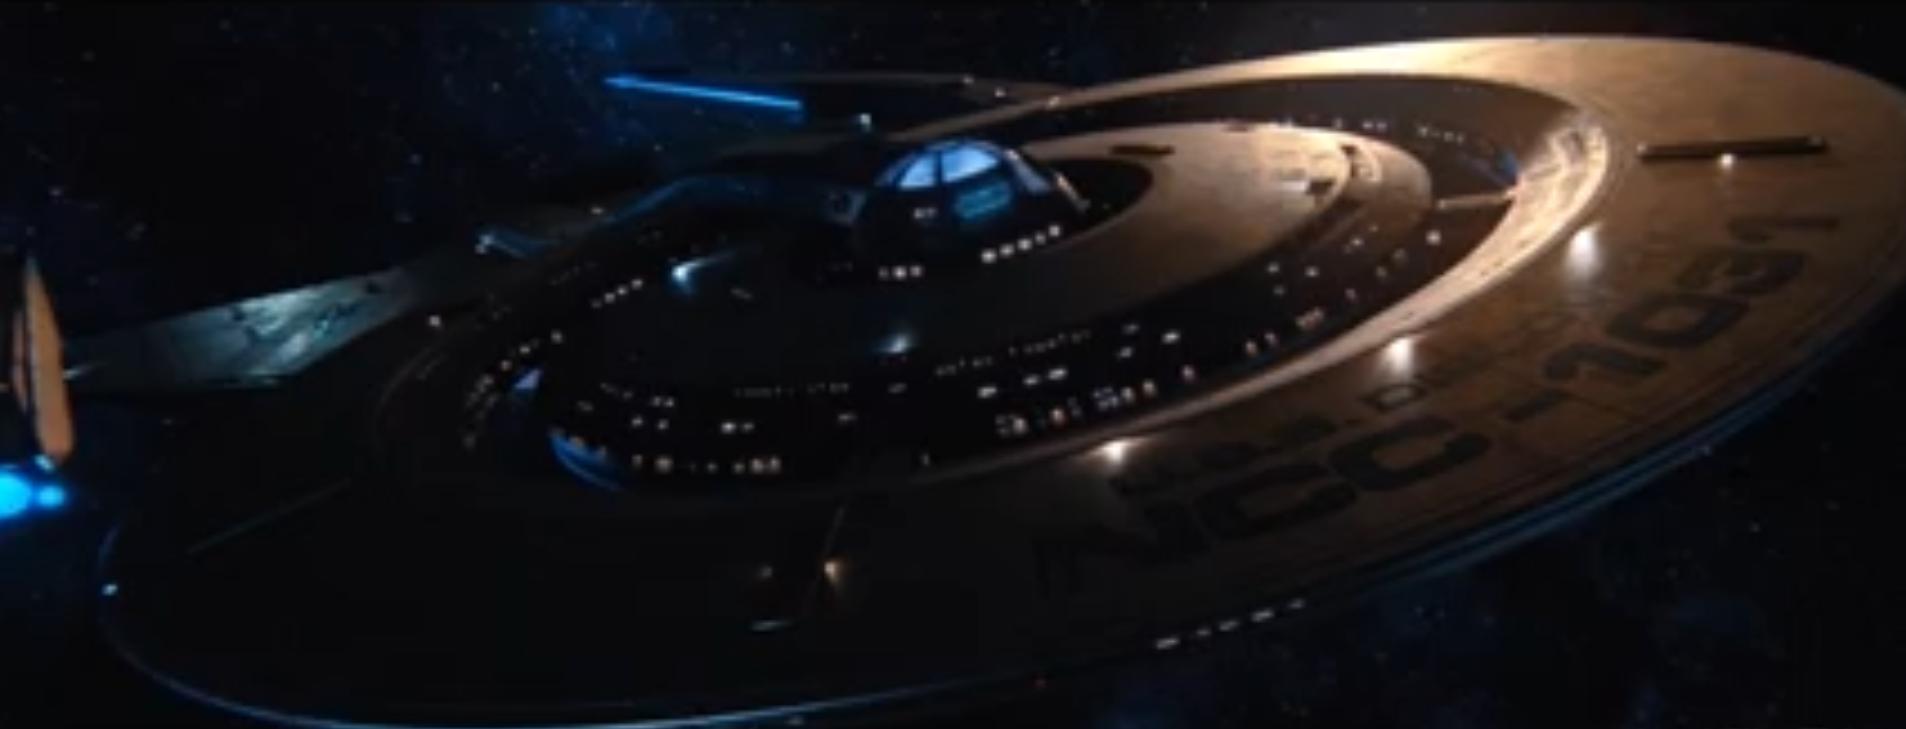 Космический корабль Стартрек Дискавери